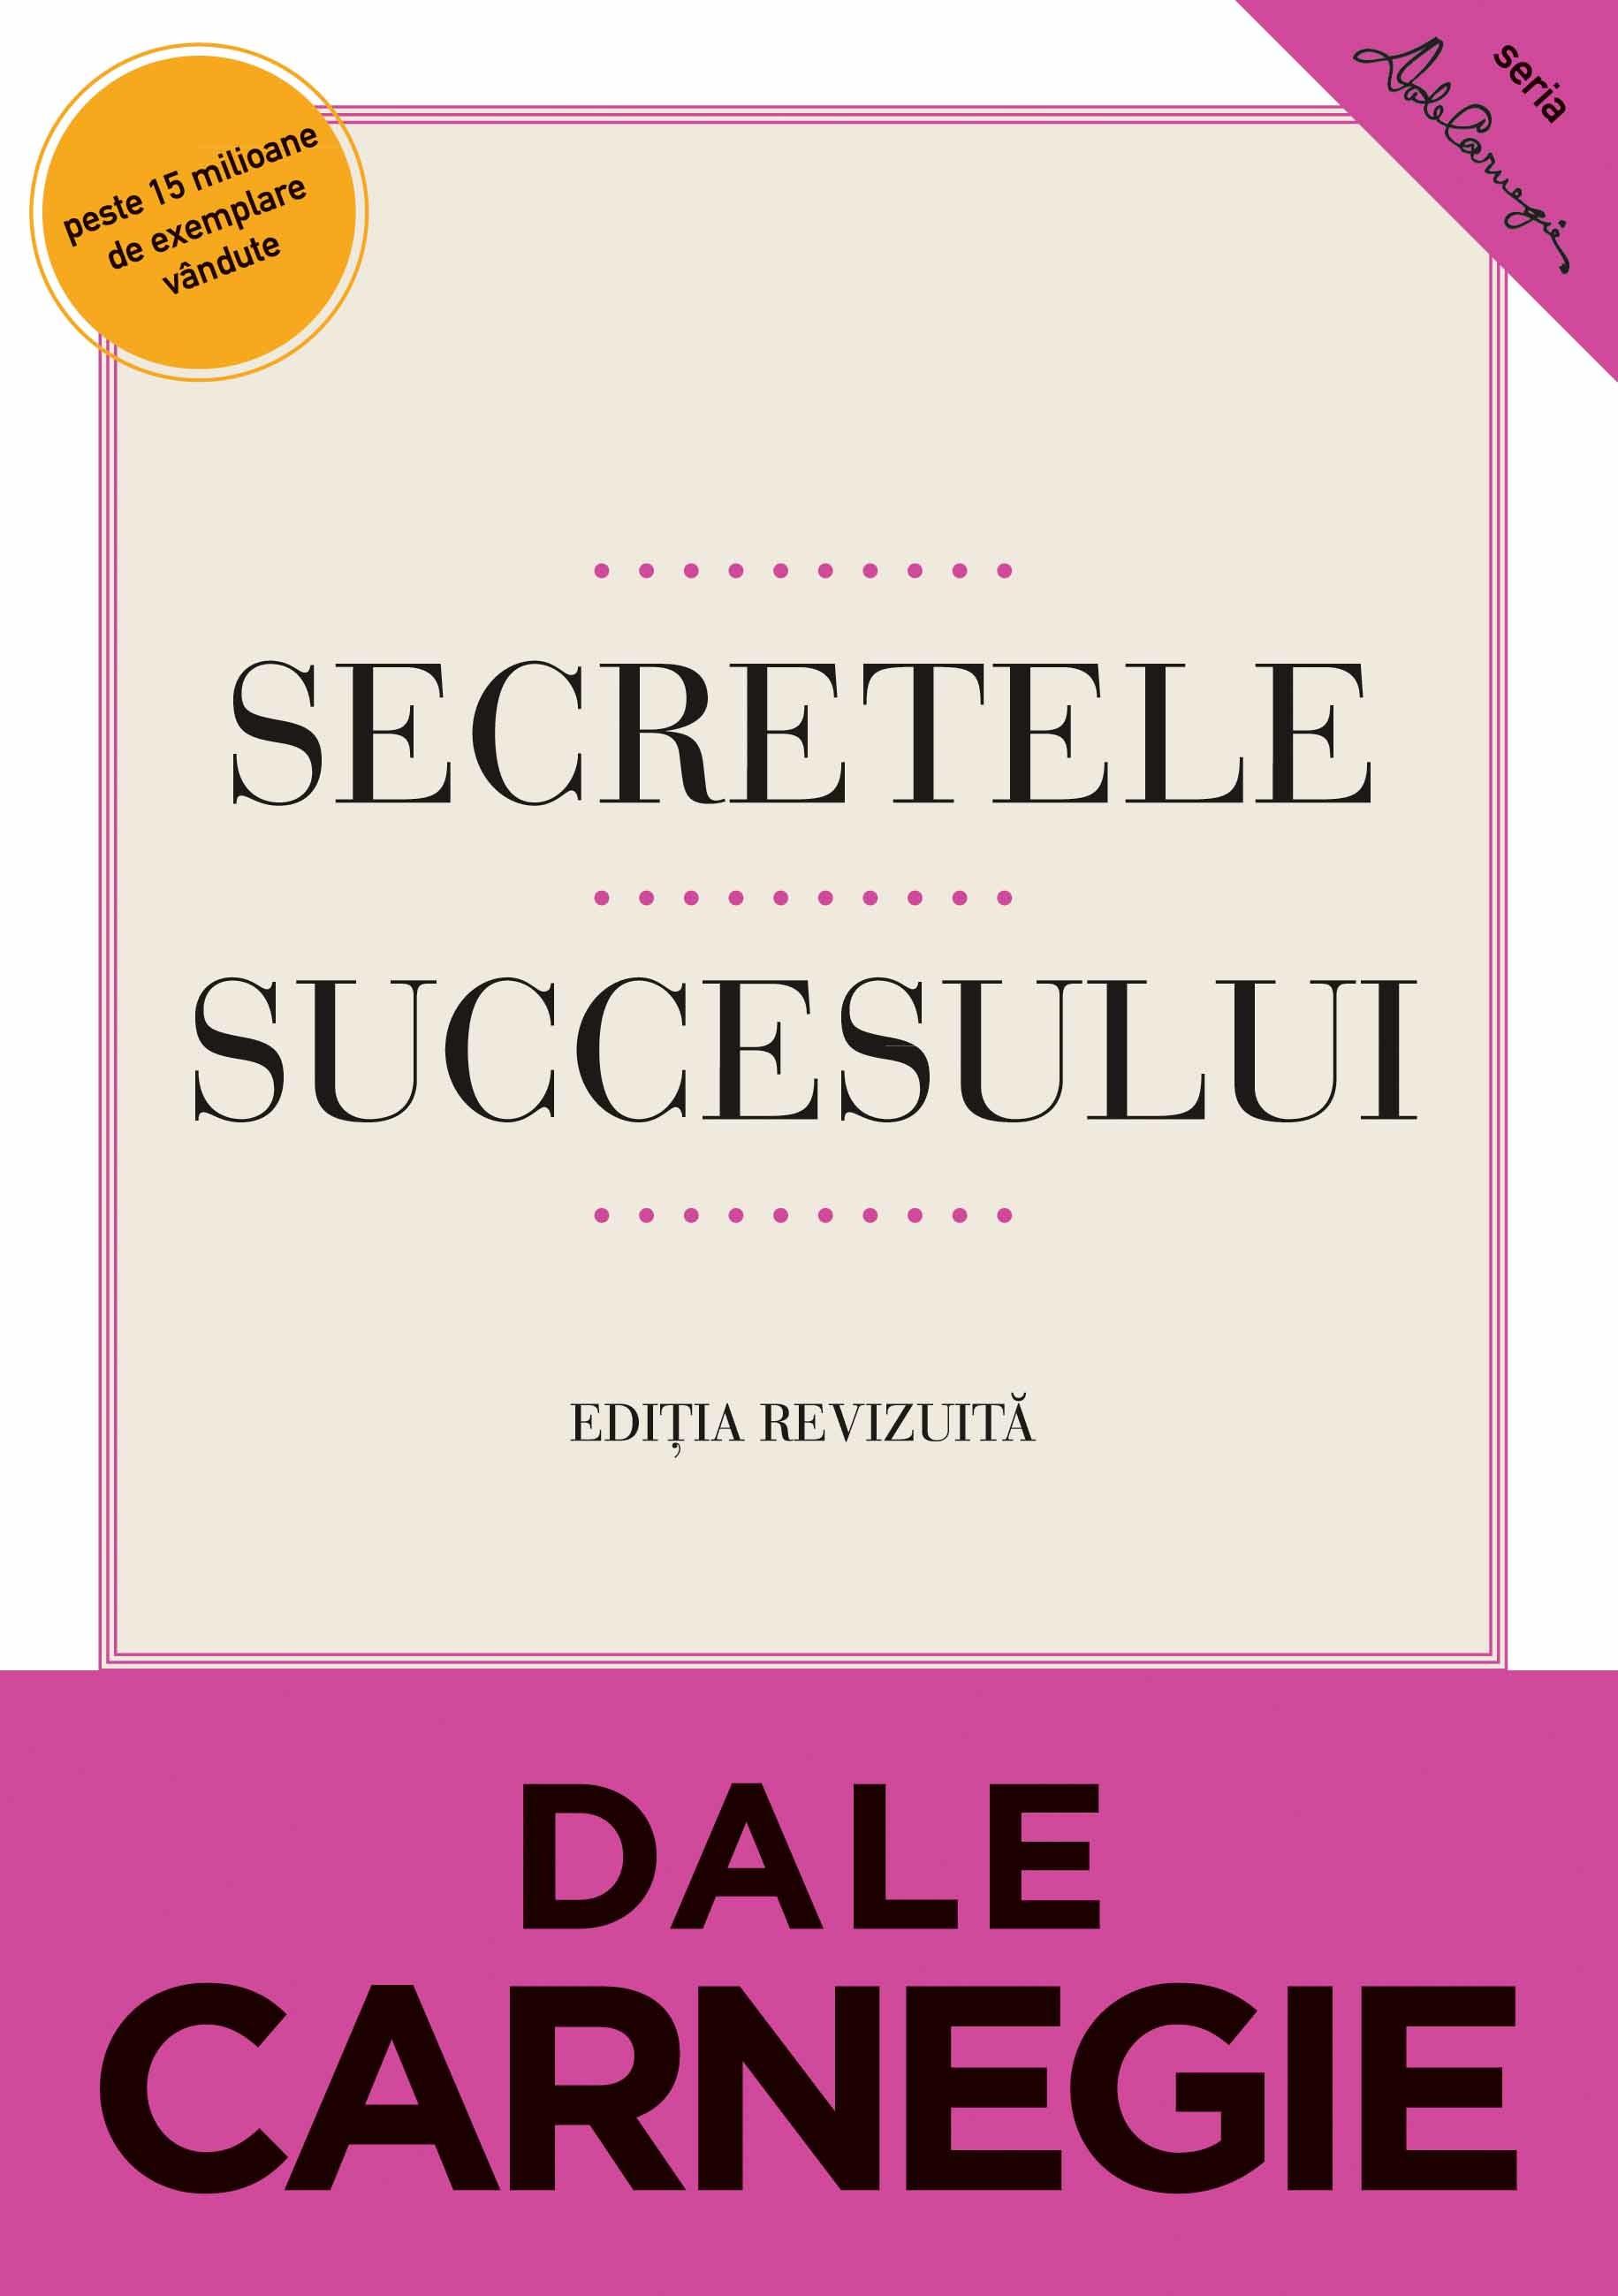 Dale Carnegie - Secretele succesului. Editia a II-a -